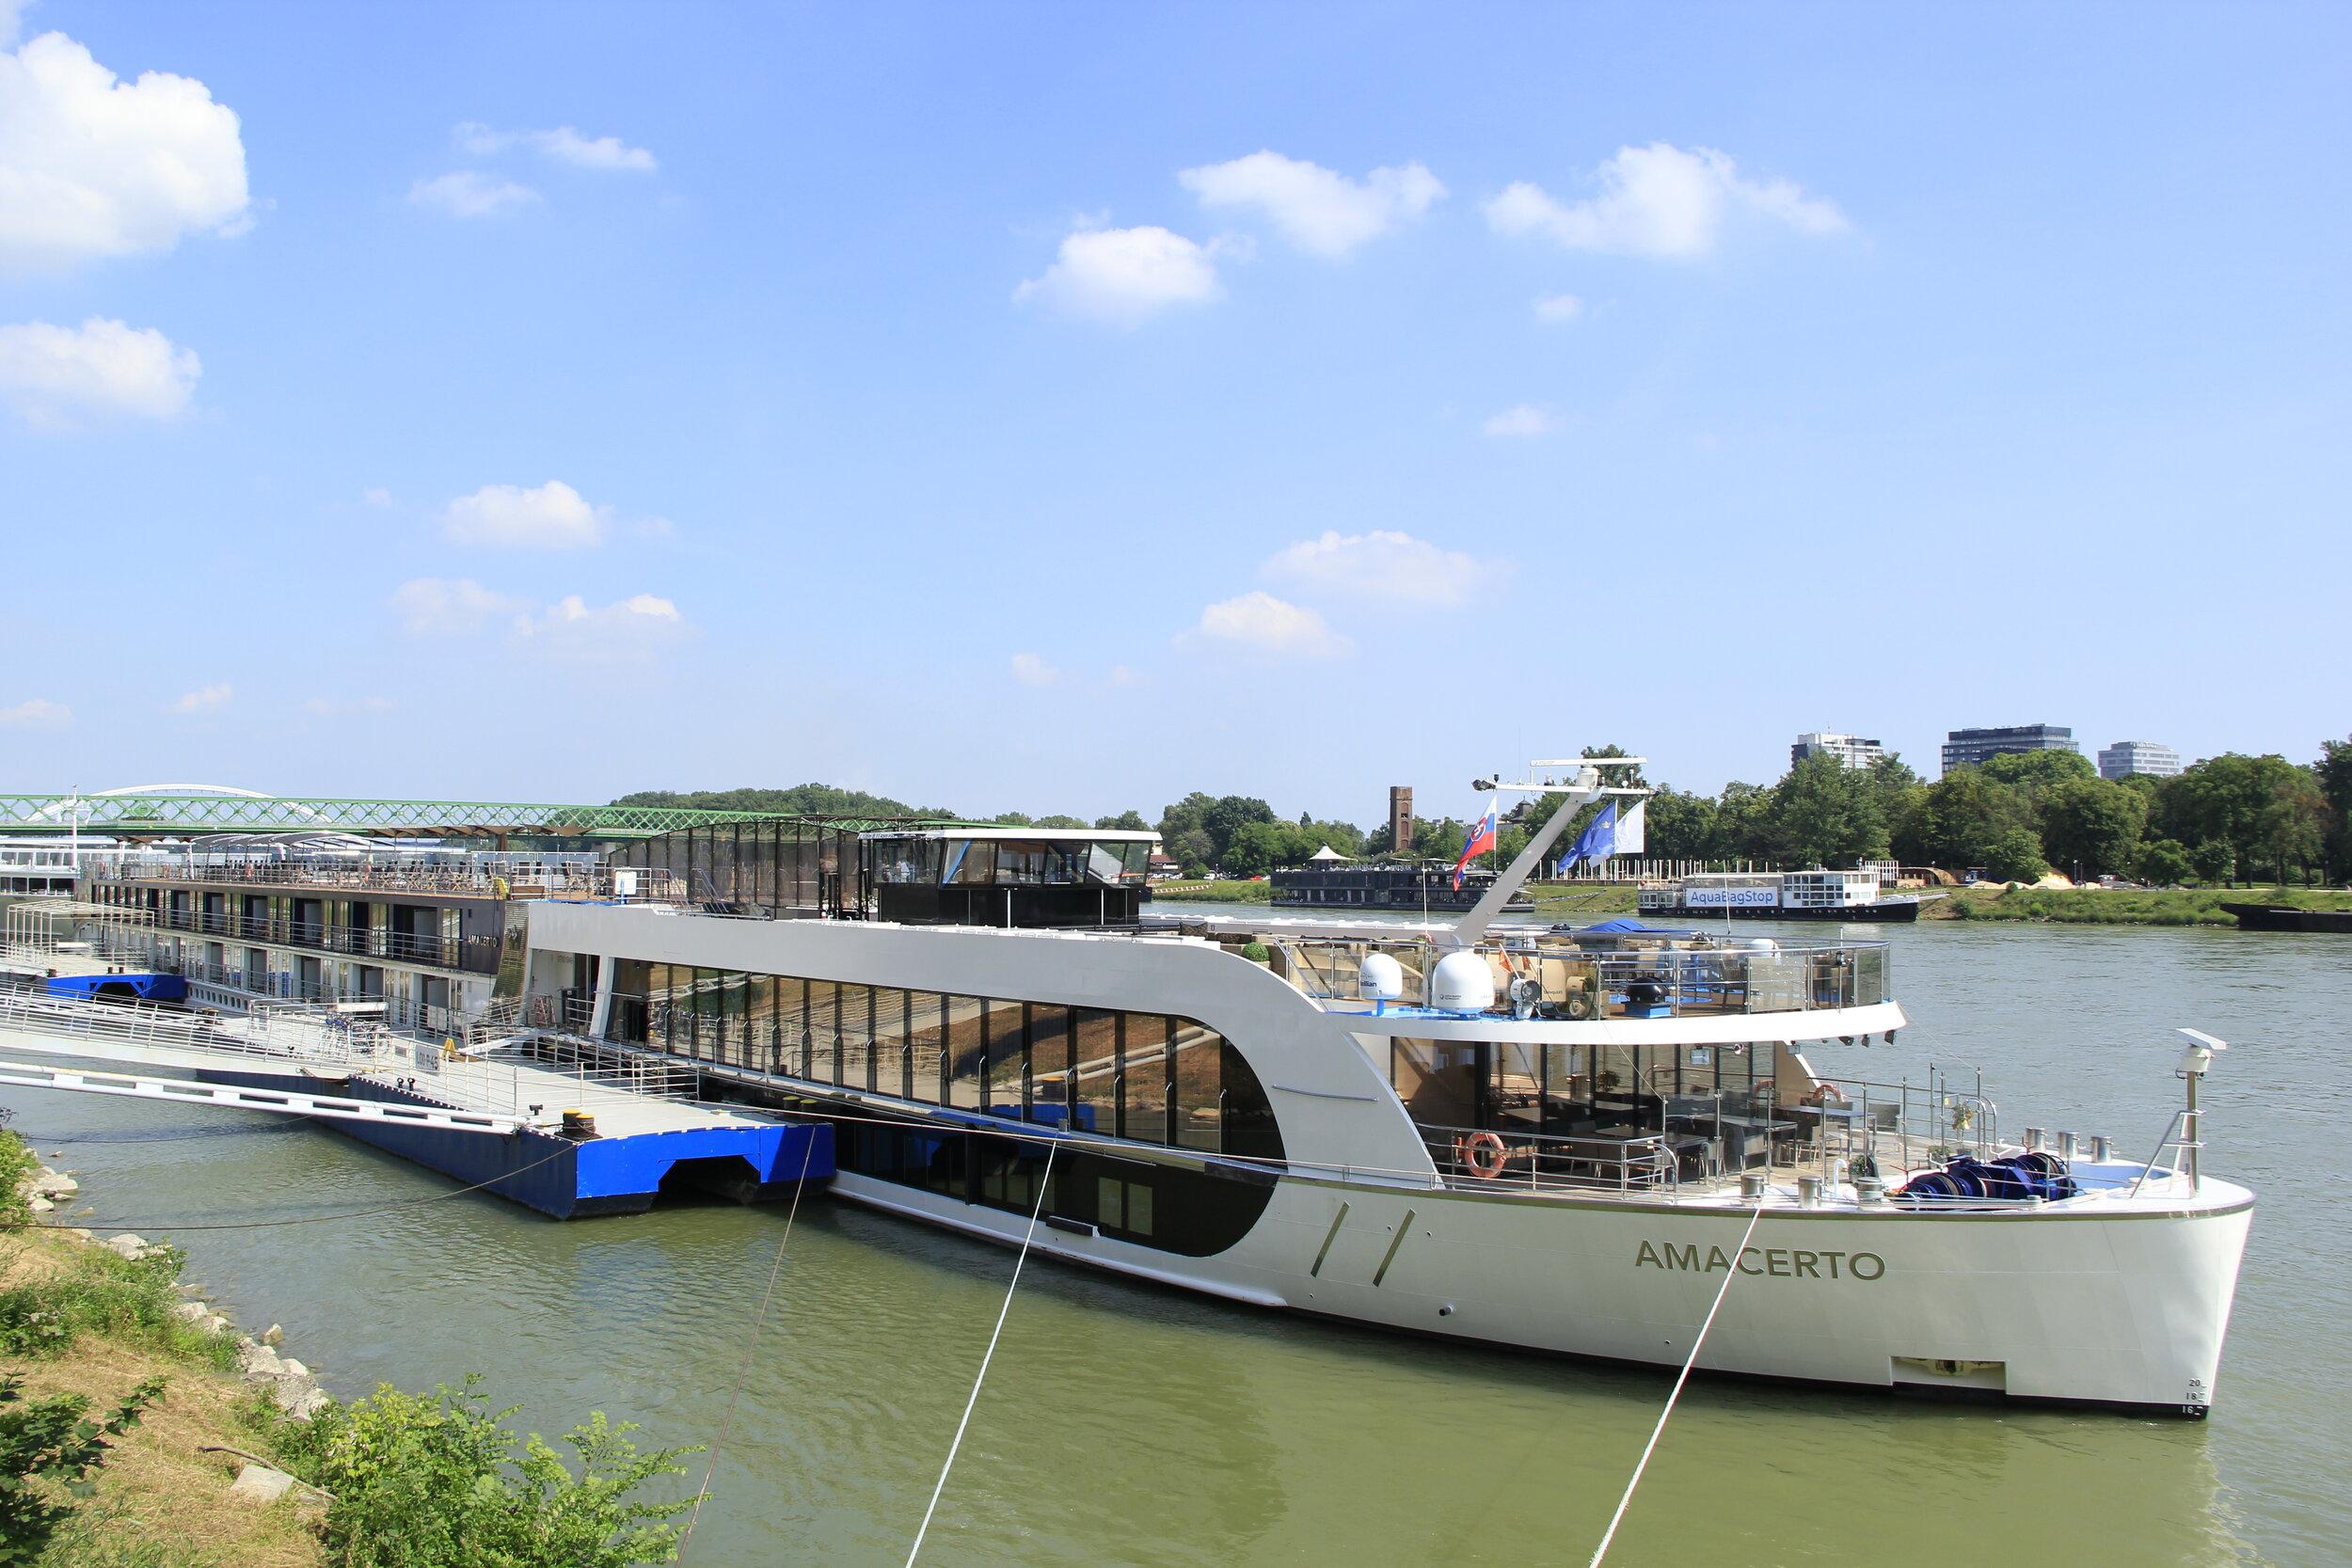 The AmaCerto docked